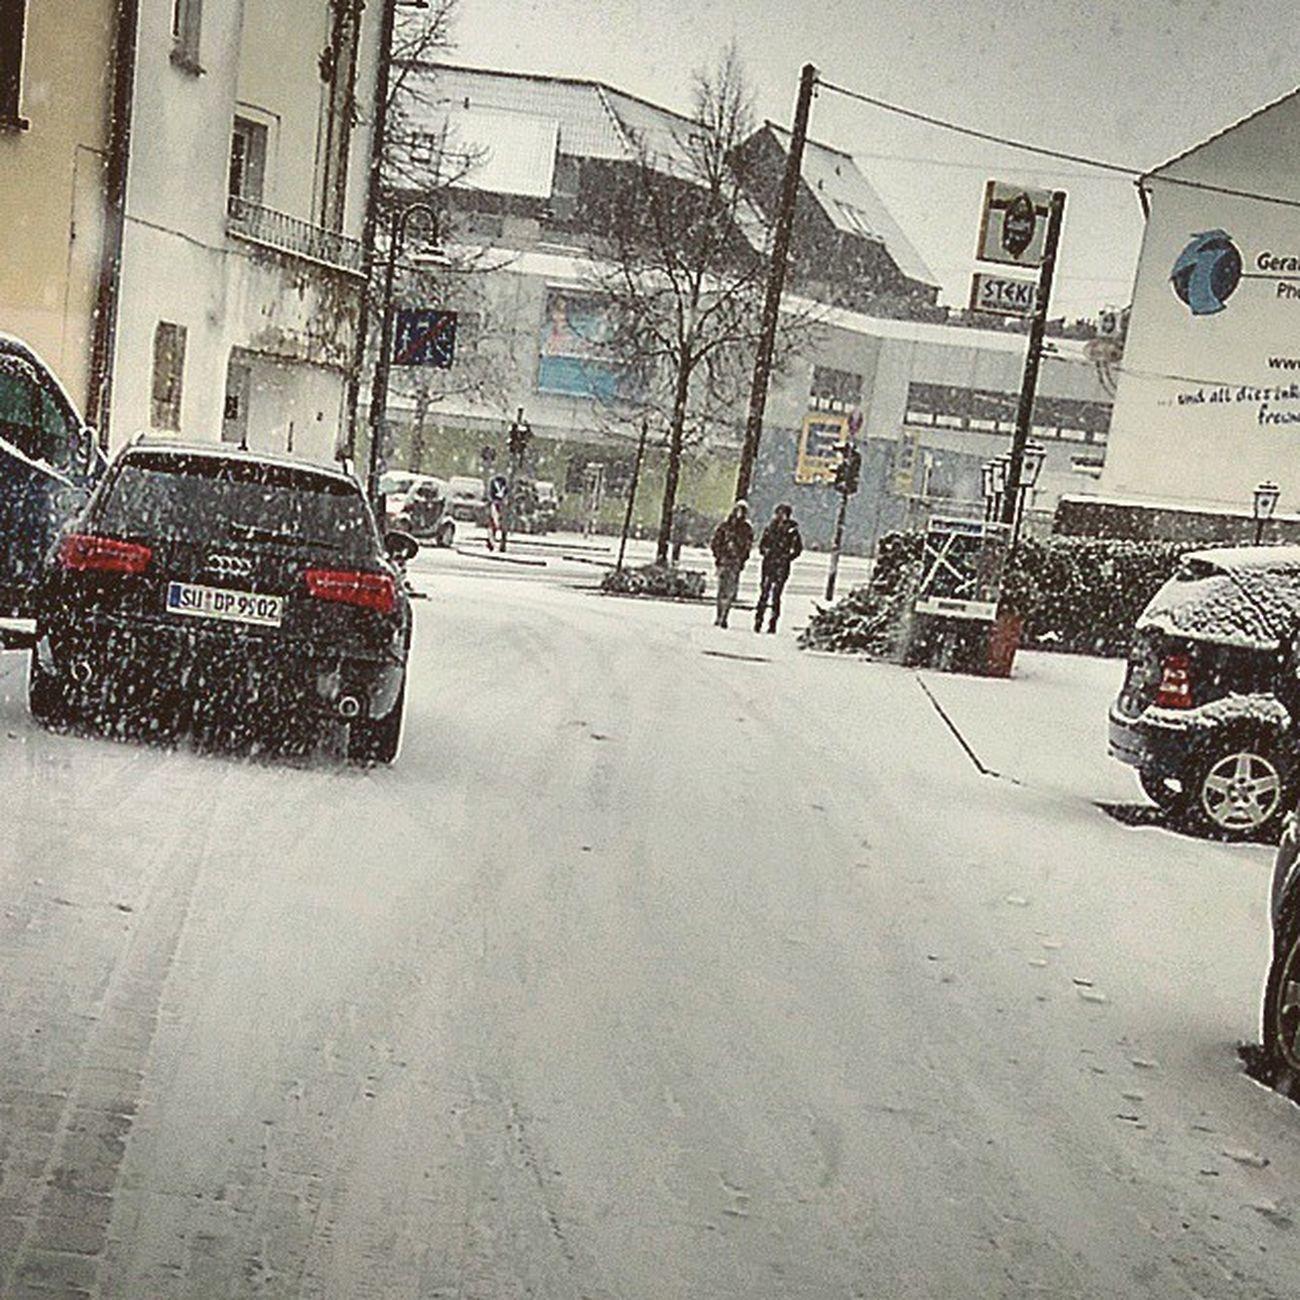 Schnee ❤ Snow Schnee Germany German Troisdorf Russia24 Live Instafeed Love Lastochka Deutschland Deutsch Instalive Instagood Audi AudiA6